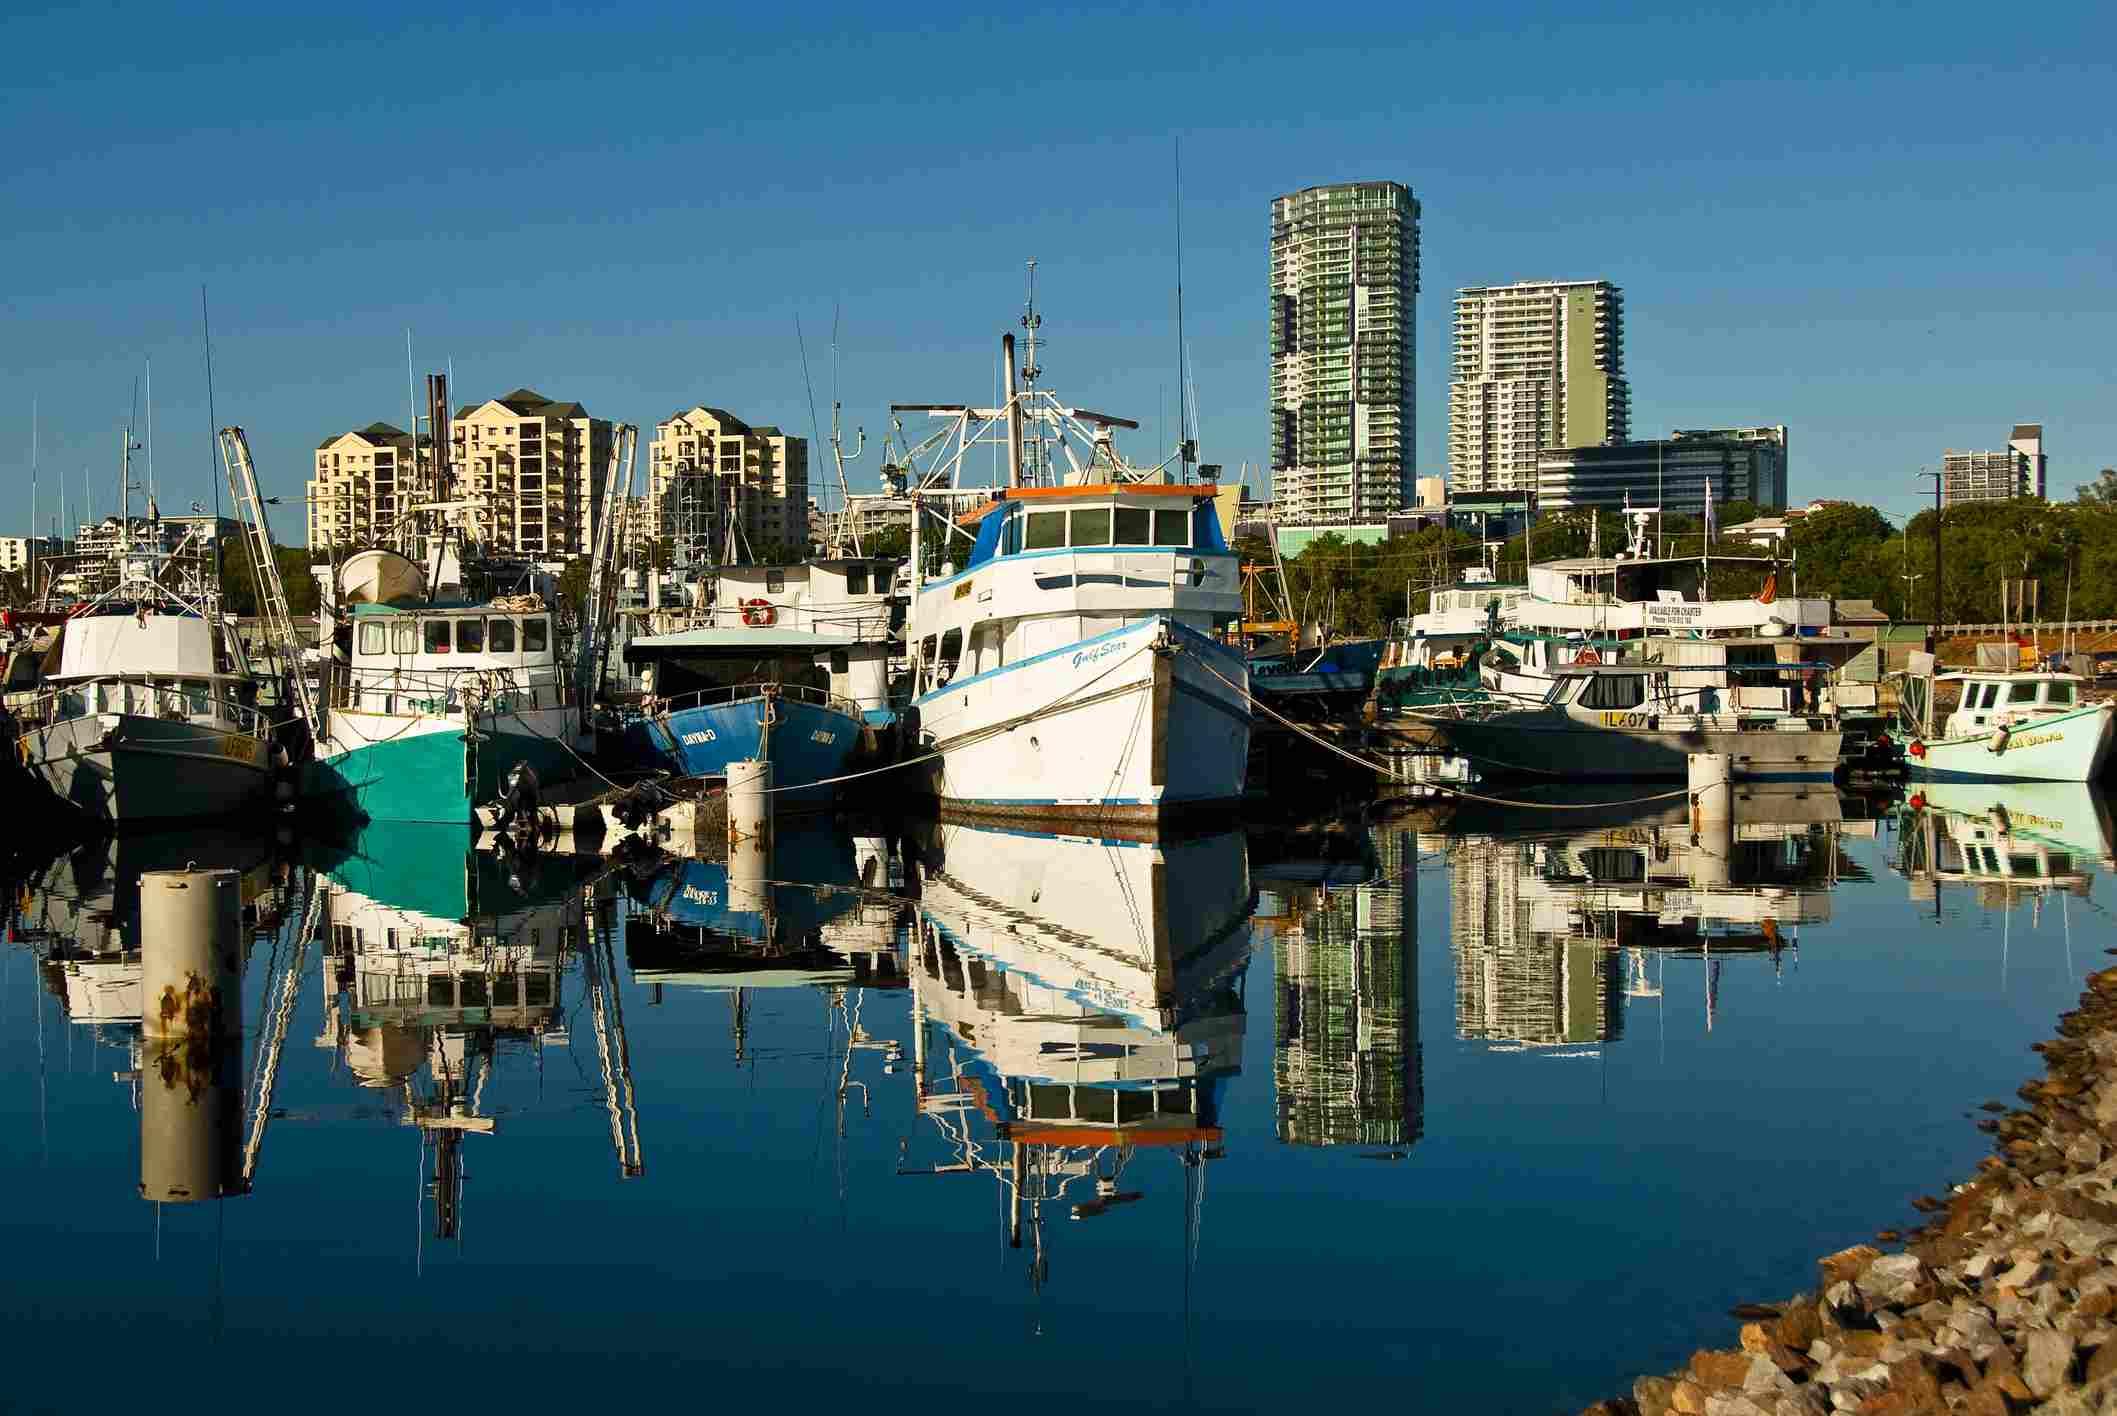 Early morning at Bay Marina